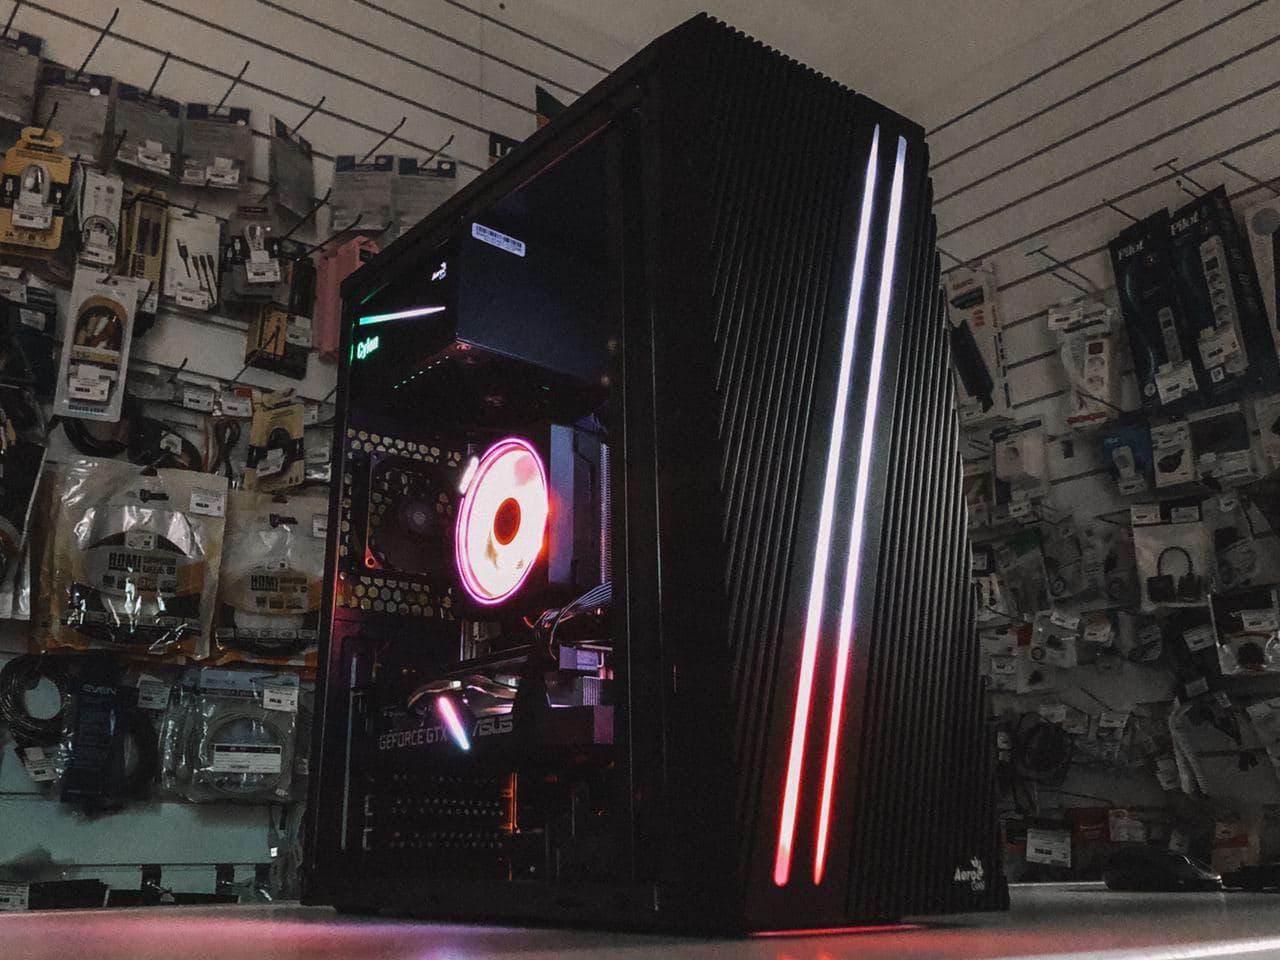 картинка Системный блок Status Home Ryzen 7 AMD + GTX 1660 от магазина Одежда+